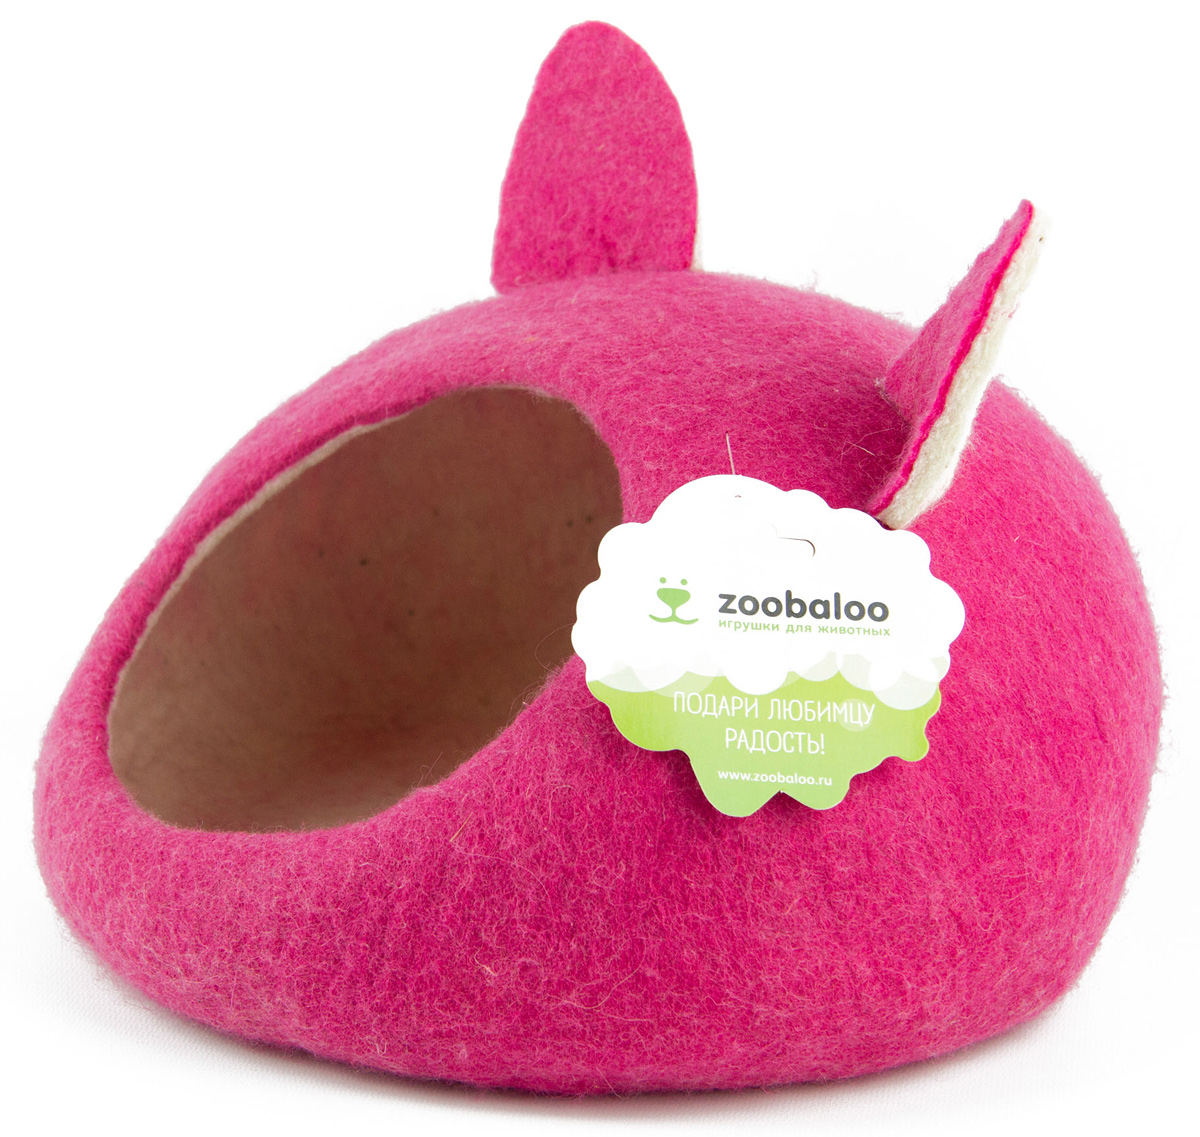 Домик-слипер для животных Zoobaloo WoolPetHouse, с ушками, цвет: малиновый, размер LЛ-29/3_светло-коричневый, лапки белые и розовыеДомик-слипер Zoobaloo WoolPetHouse предназначен для отдыха и сна питомца. Домик изготовлен из 100% шерсти мериноса. Учтены все особенности животного сна: форма, цвет, материал этого домика - все подобрано как нельзя лучше! В нем ваш любимец будет видеть только цветные сны. Шерсть мериноса обеспечит превосходный микроклимат внутри домика, а его форма позволит питомцу засыпать в самой естественной позе.